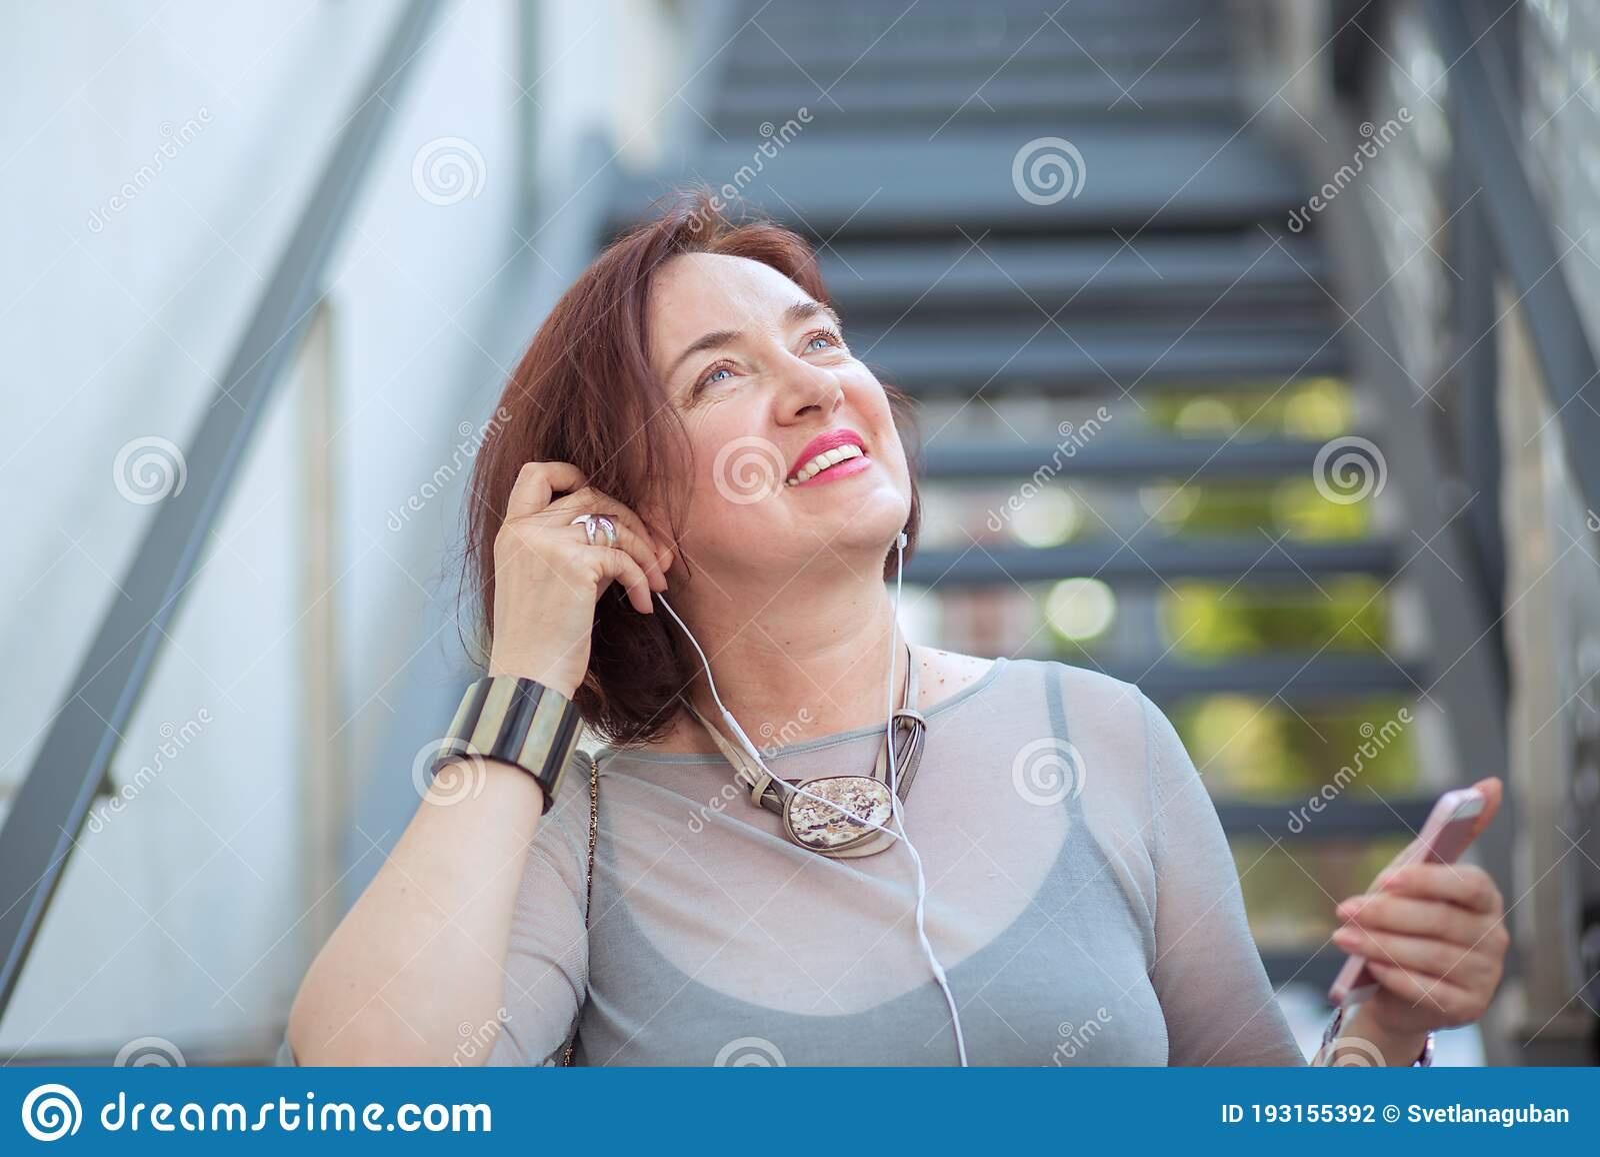 recherche femme musique)